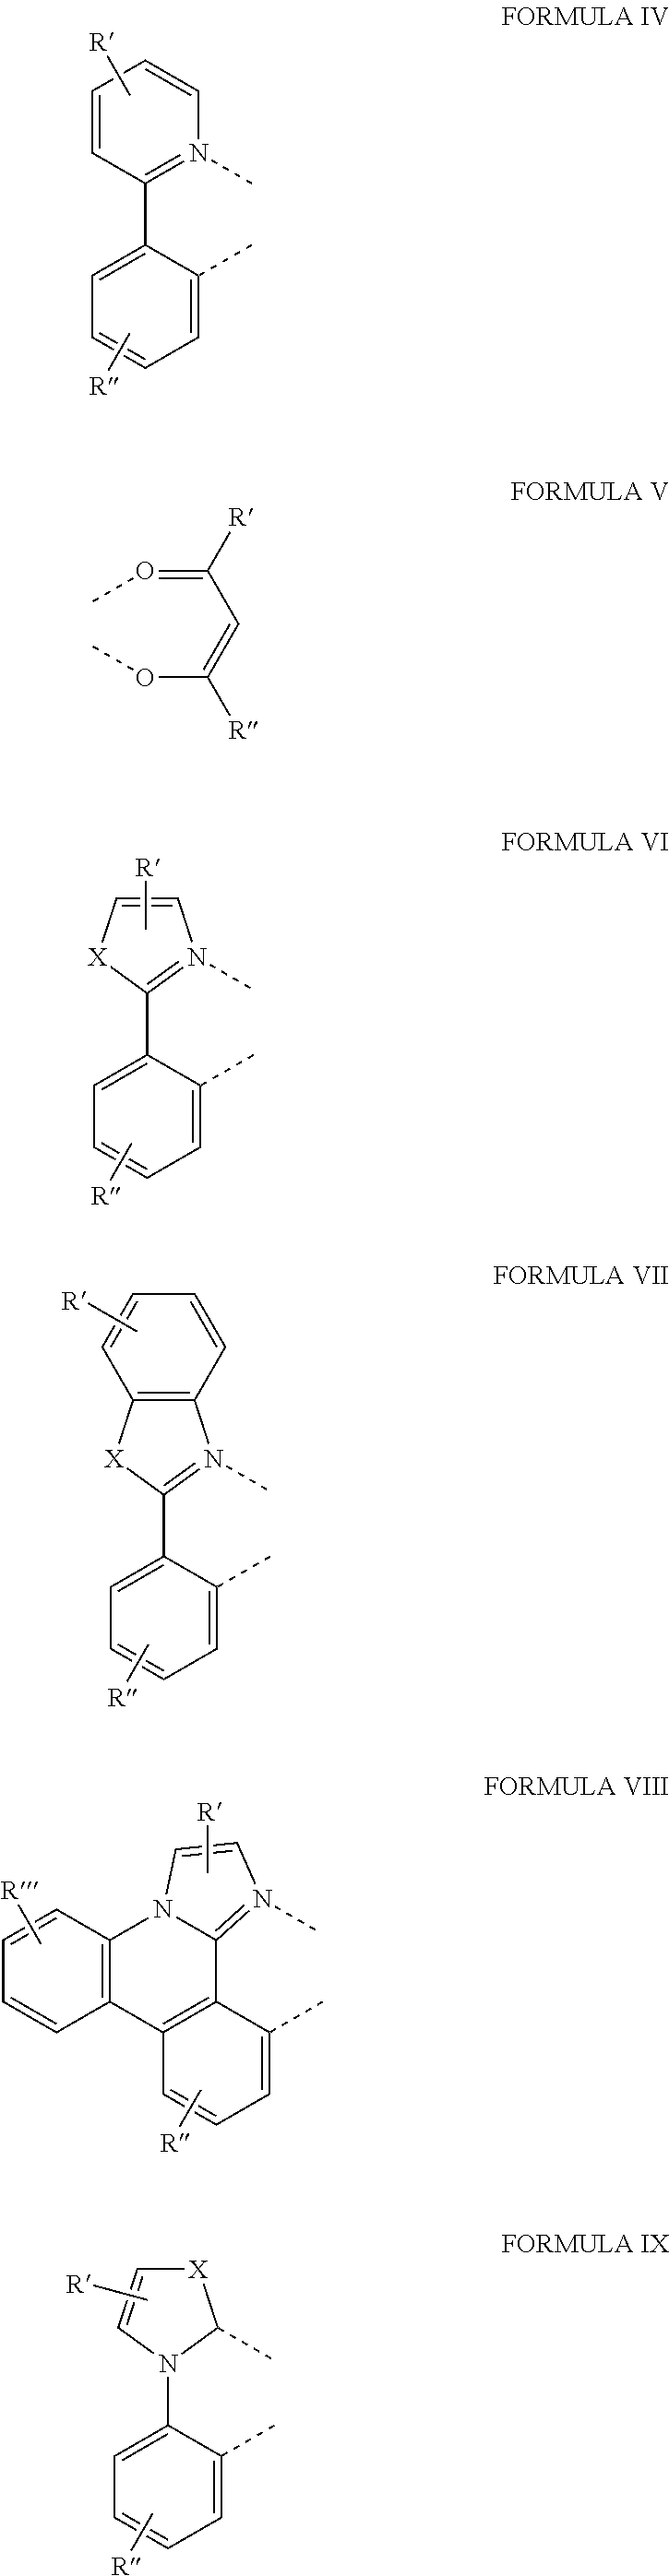 Figure US09735377-20170815-C00005